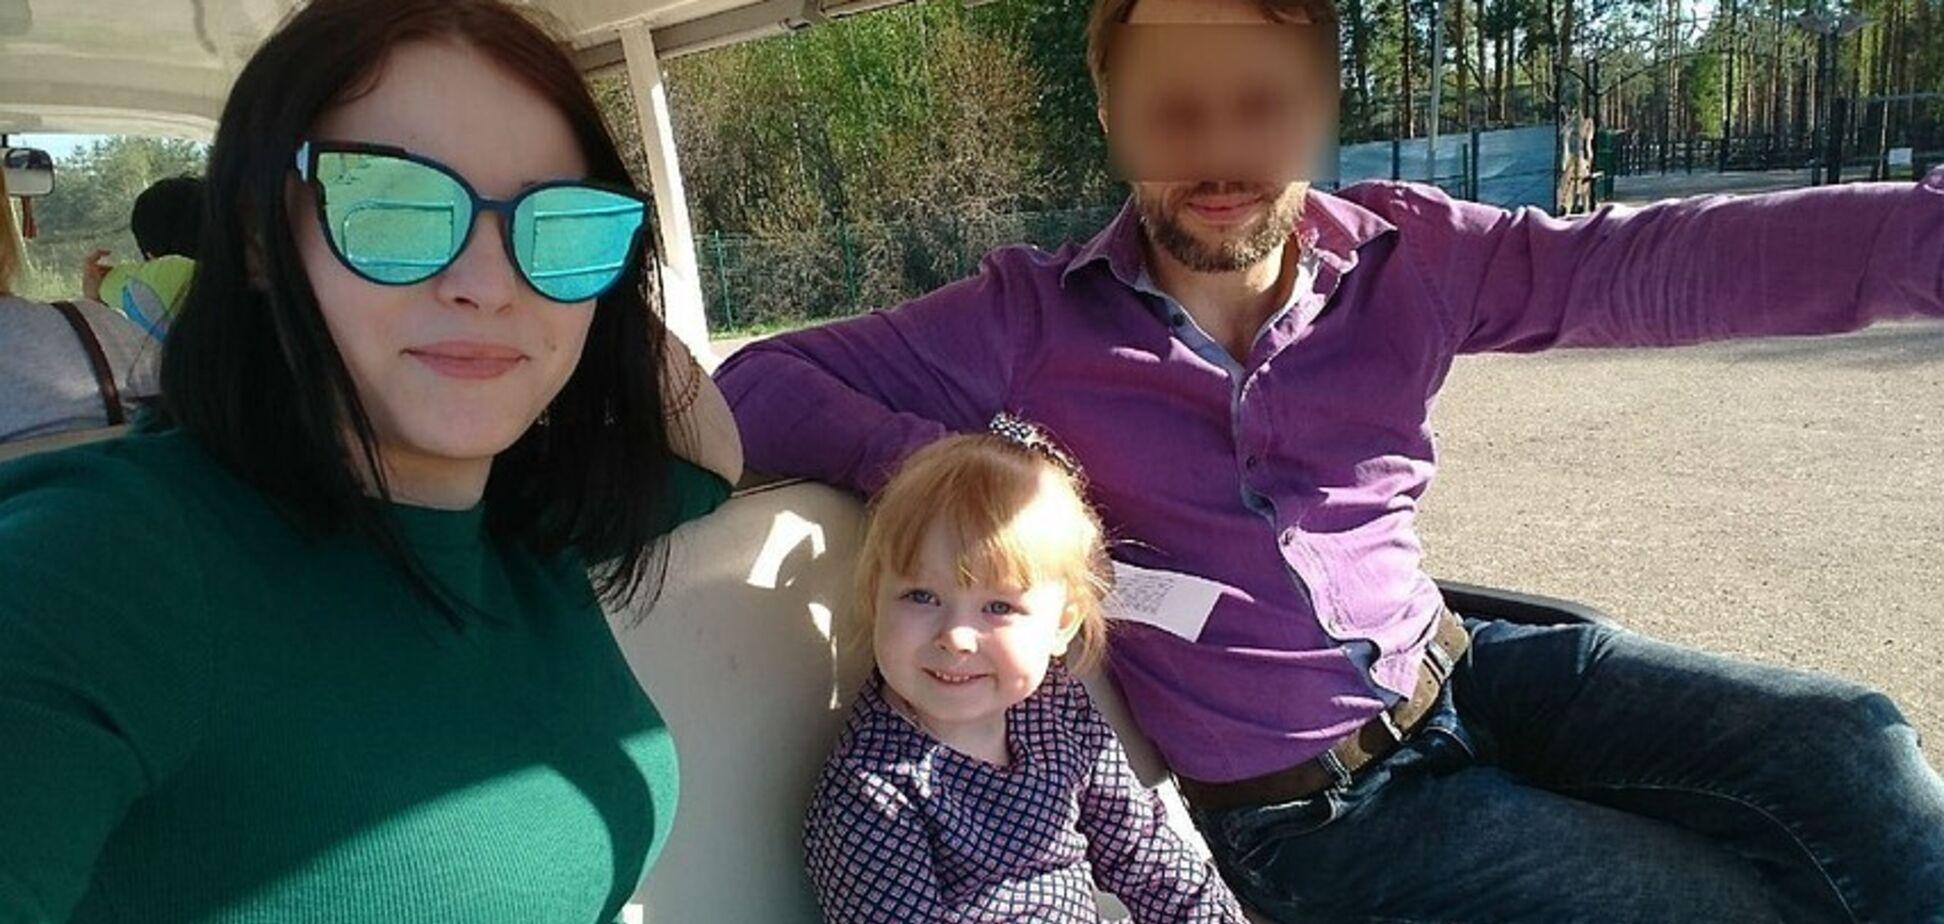 'Визги, крики и детский плач': появились новые подробности жуткого убийства 5-летней девочки в Крыму